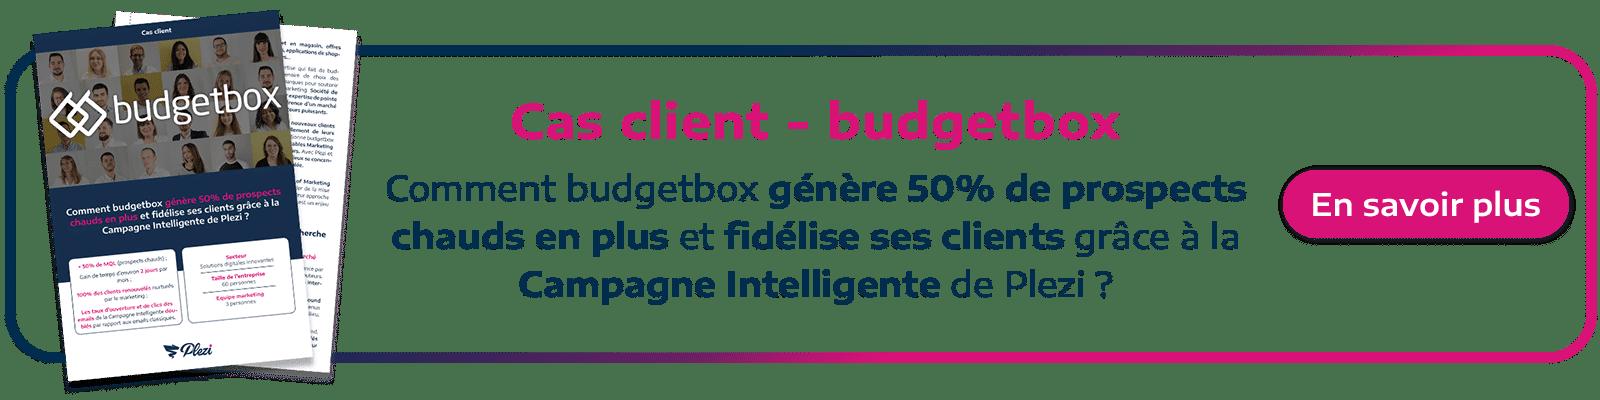 cta étude de cas budgetbox